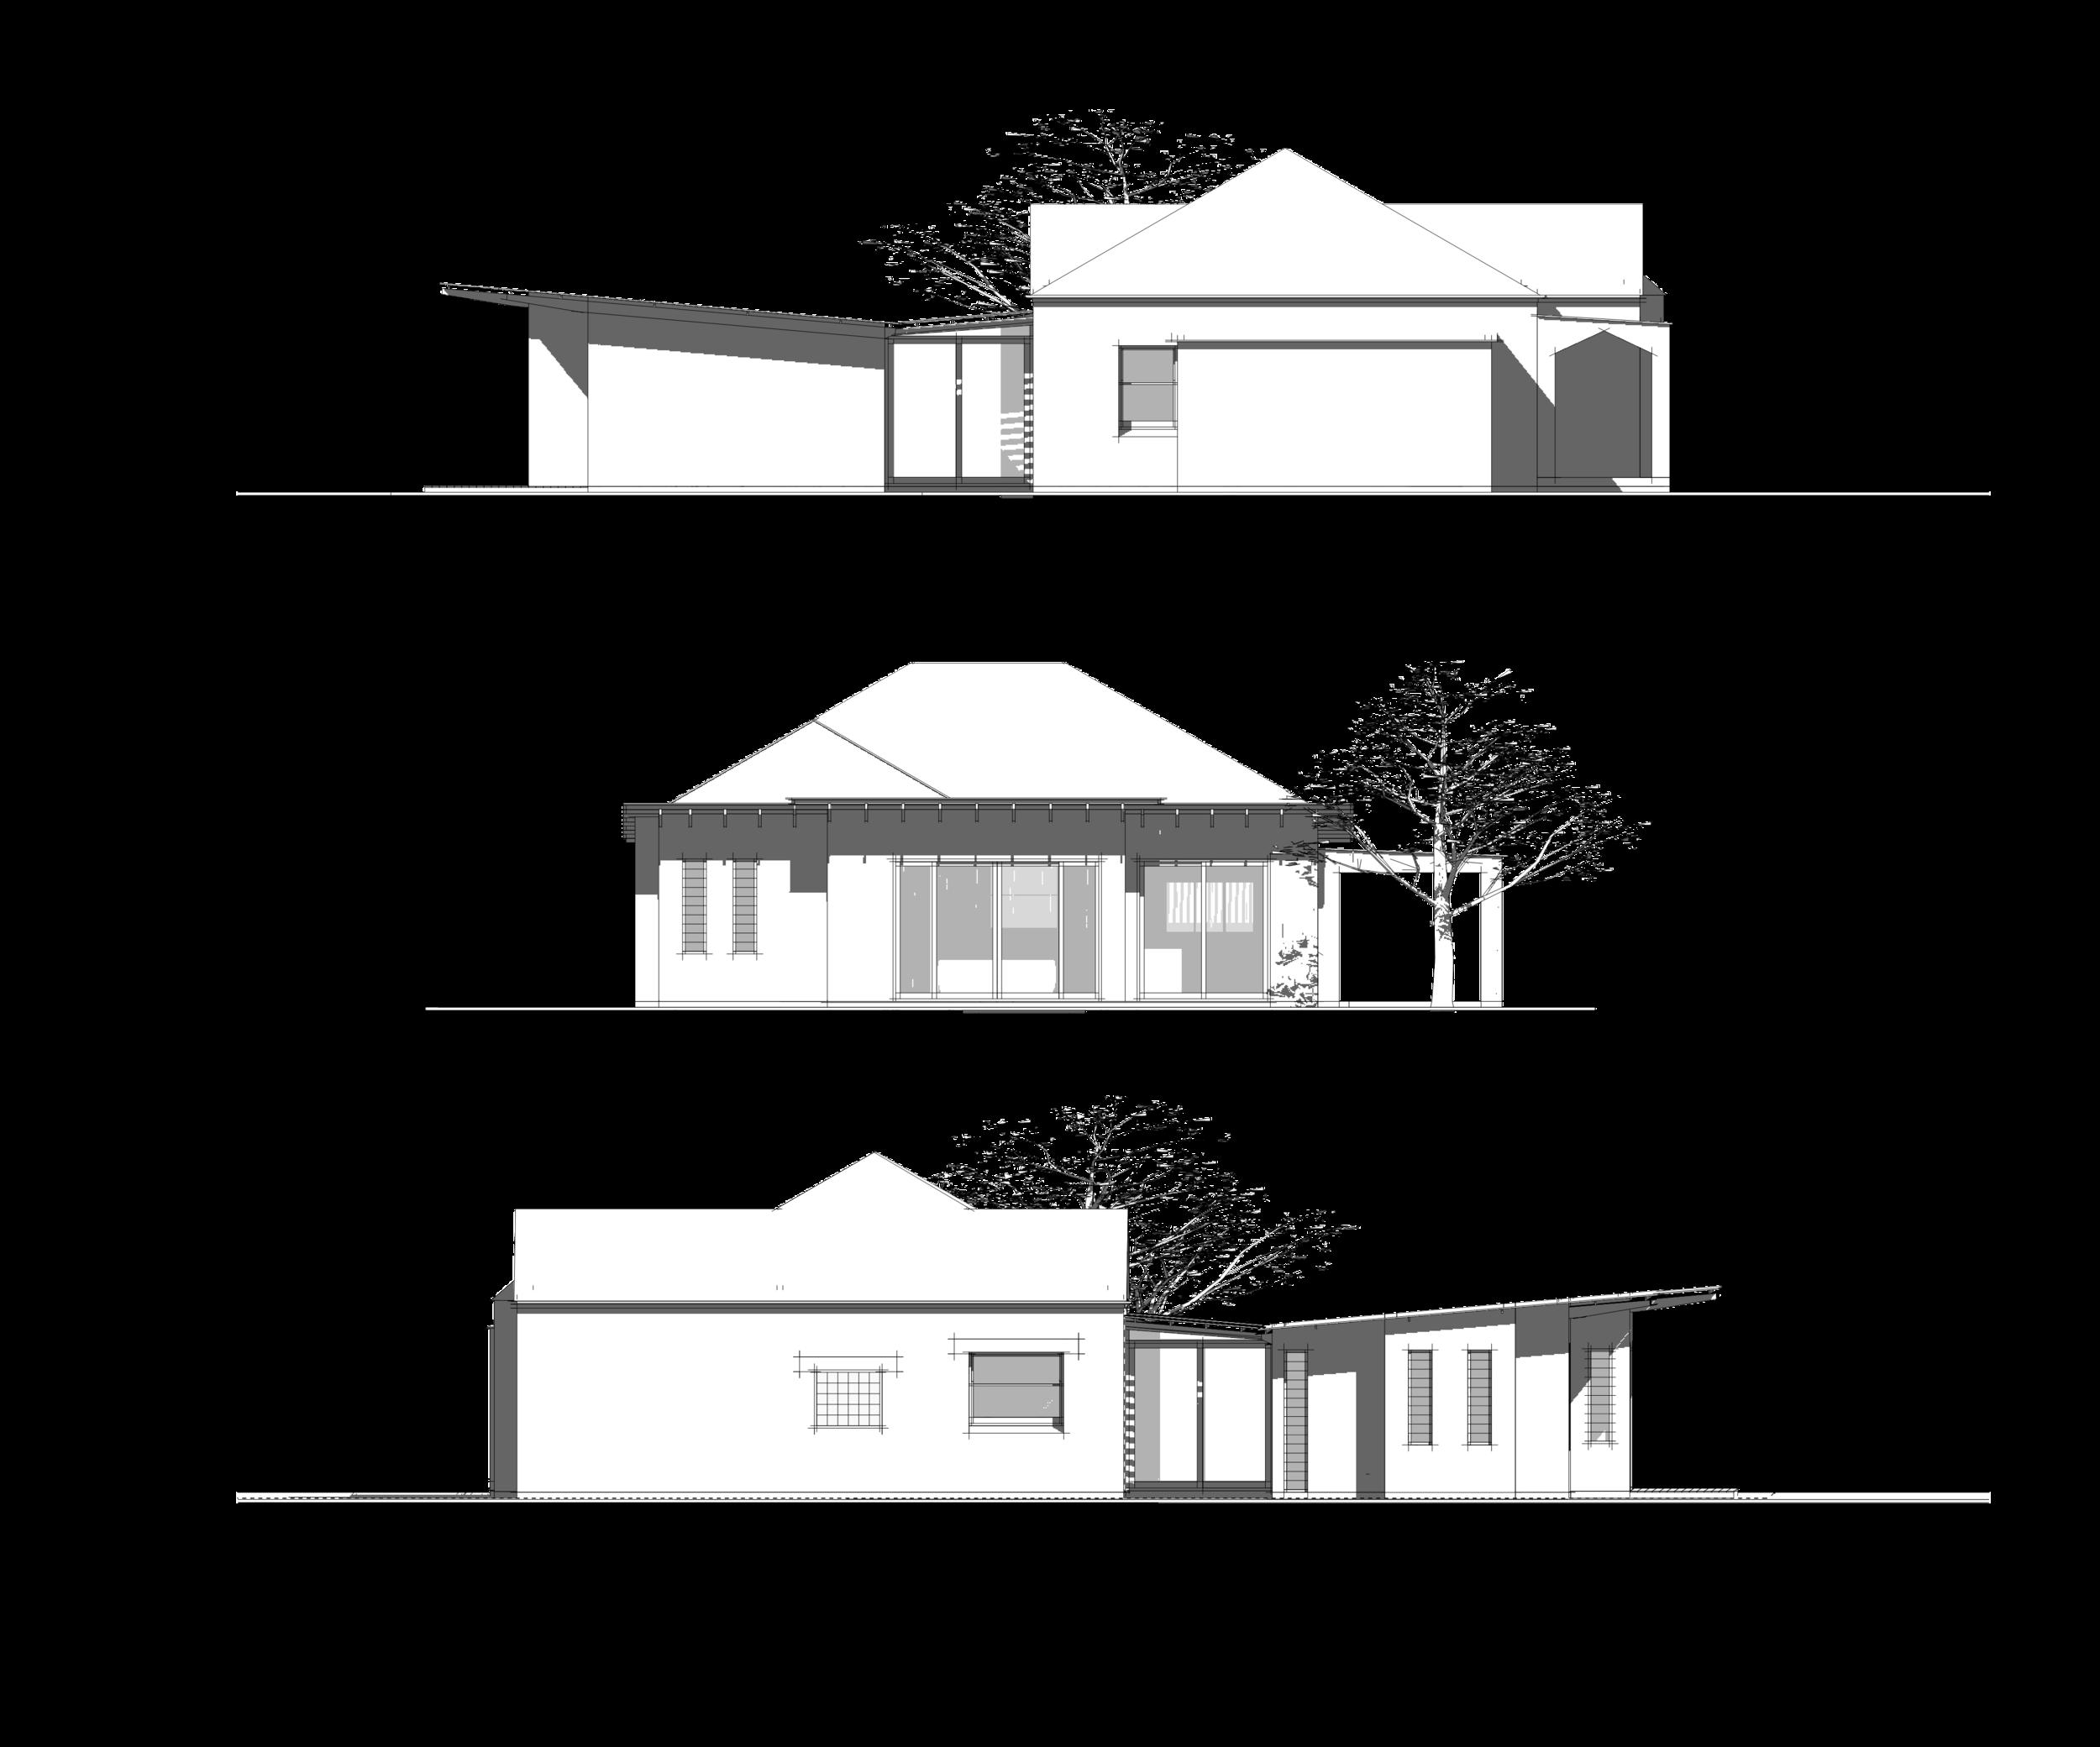 110404_sketch_design_4.png